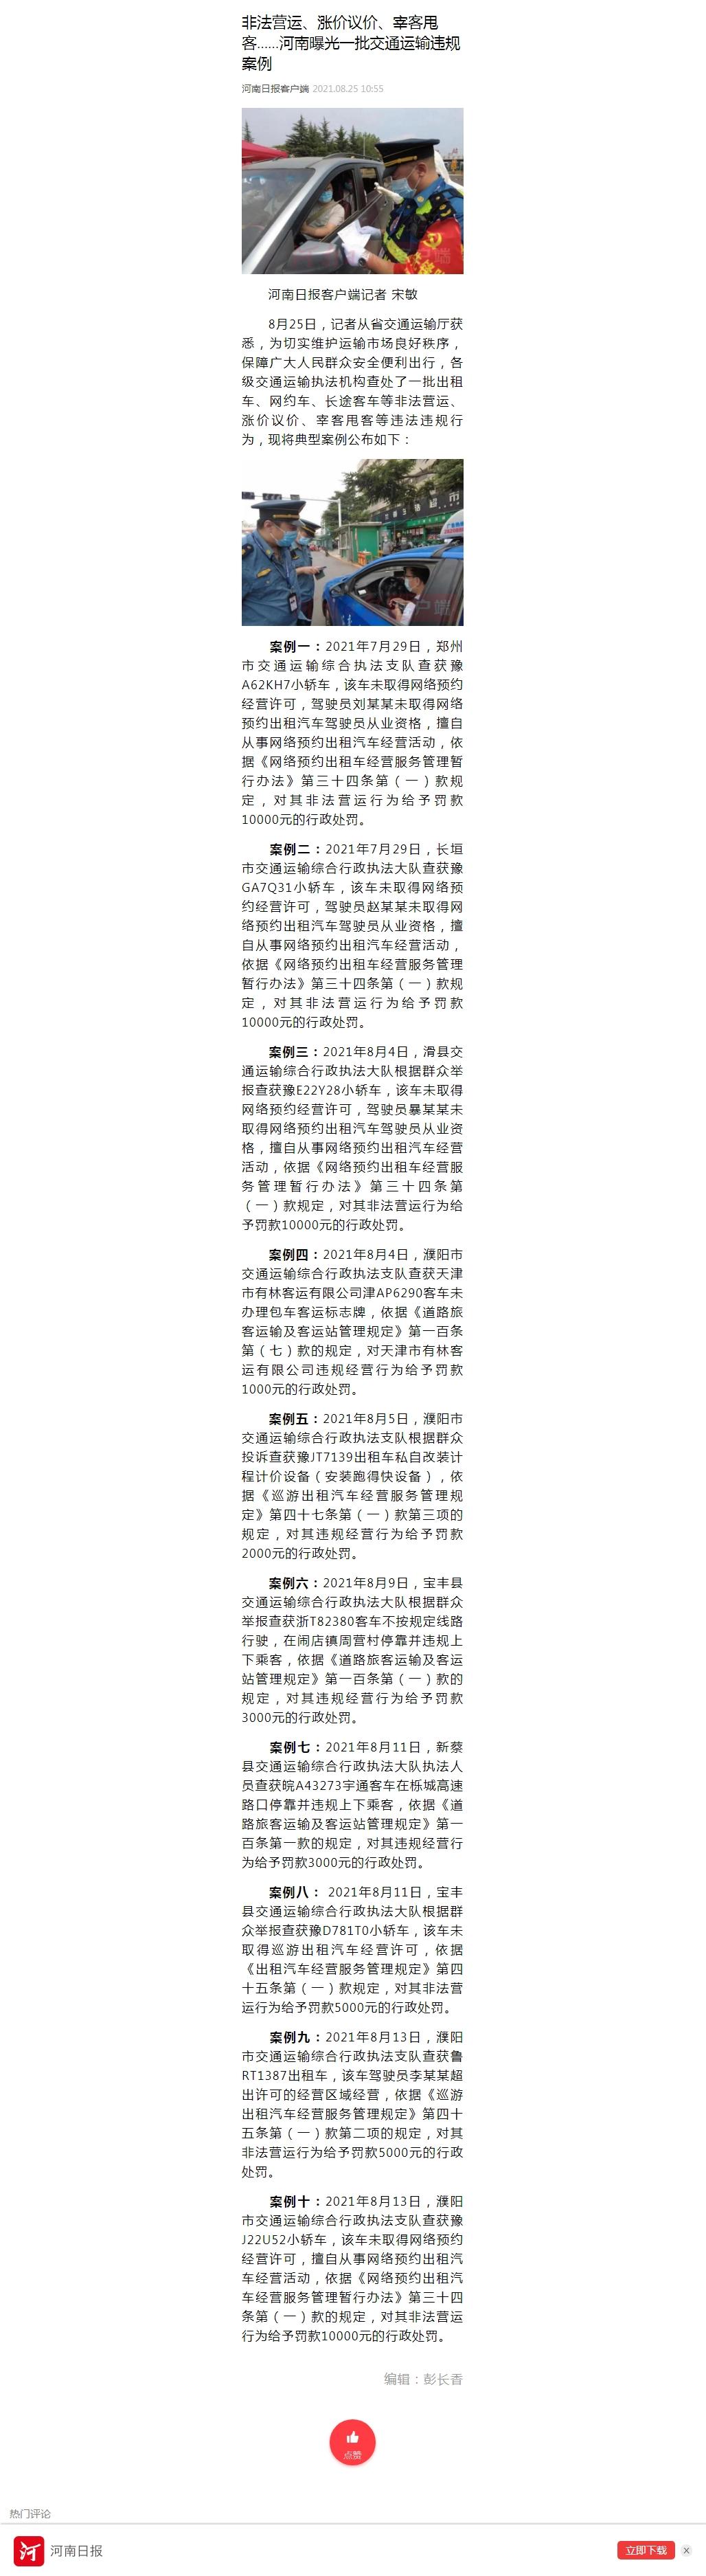 非法营运、涨价议价、宰客甩客……河南曝光一批交通运输违规案例